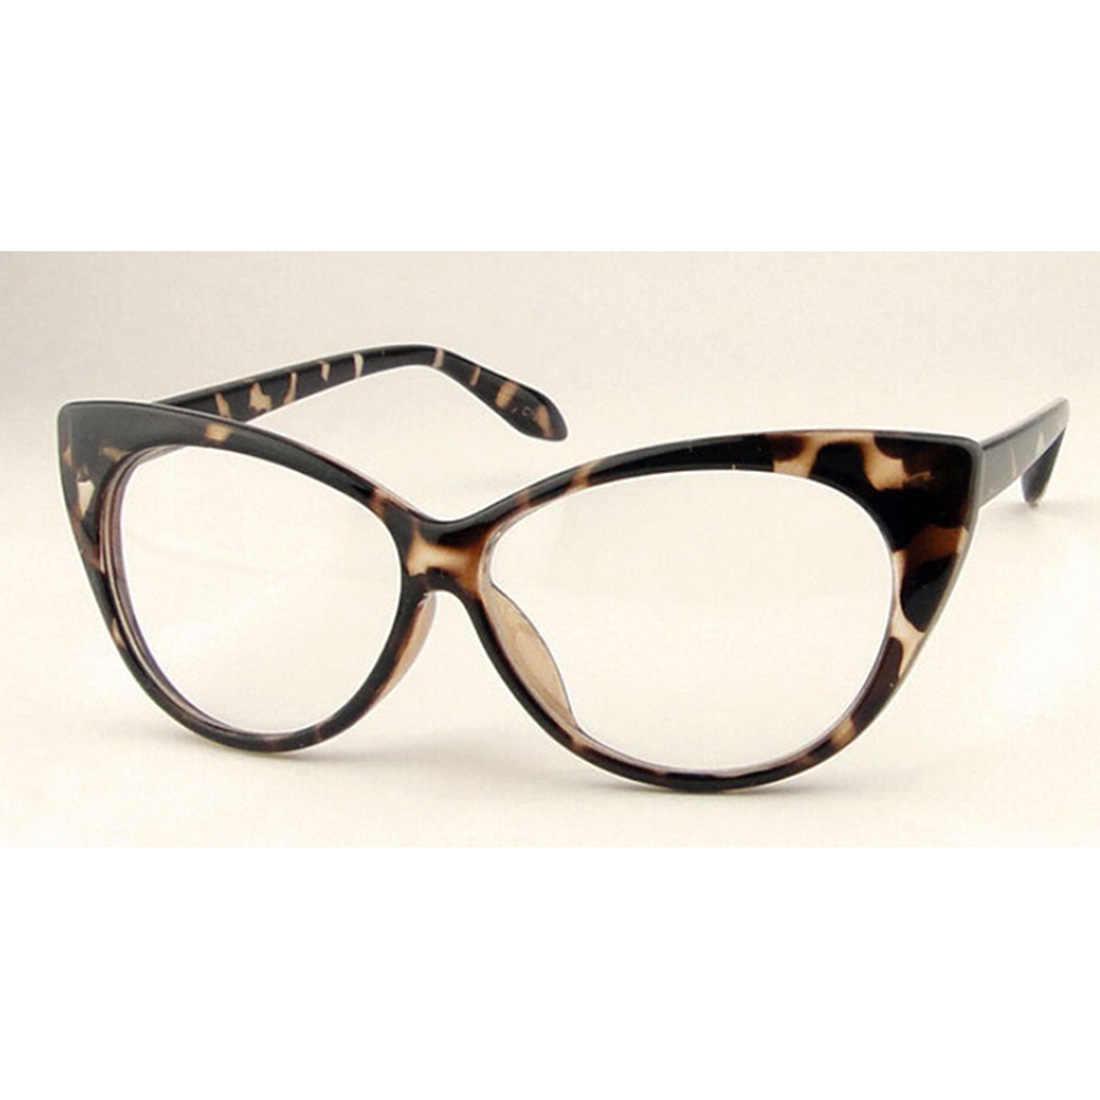 6efa2e1bec ... Modern Elegant Design Cat Eyes Shape Glasses Frame For Ladies Acetate  Optical Frames Retro Plastic Plain ...